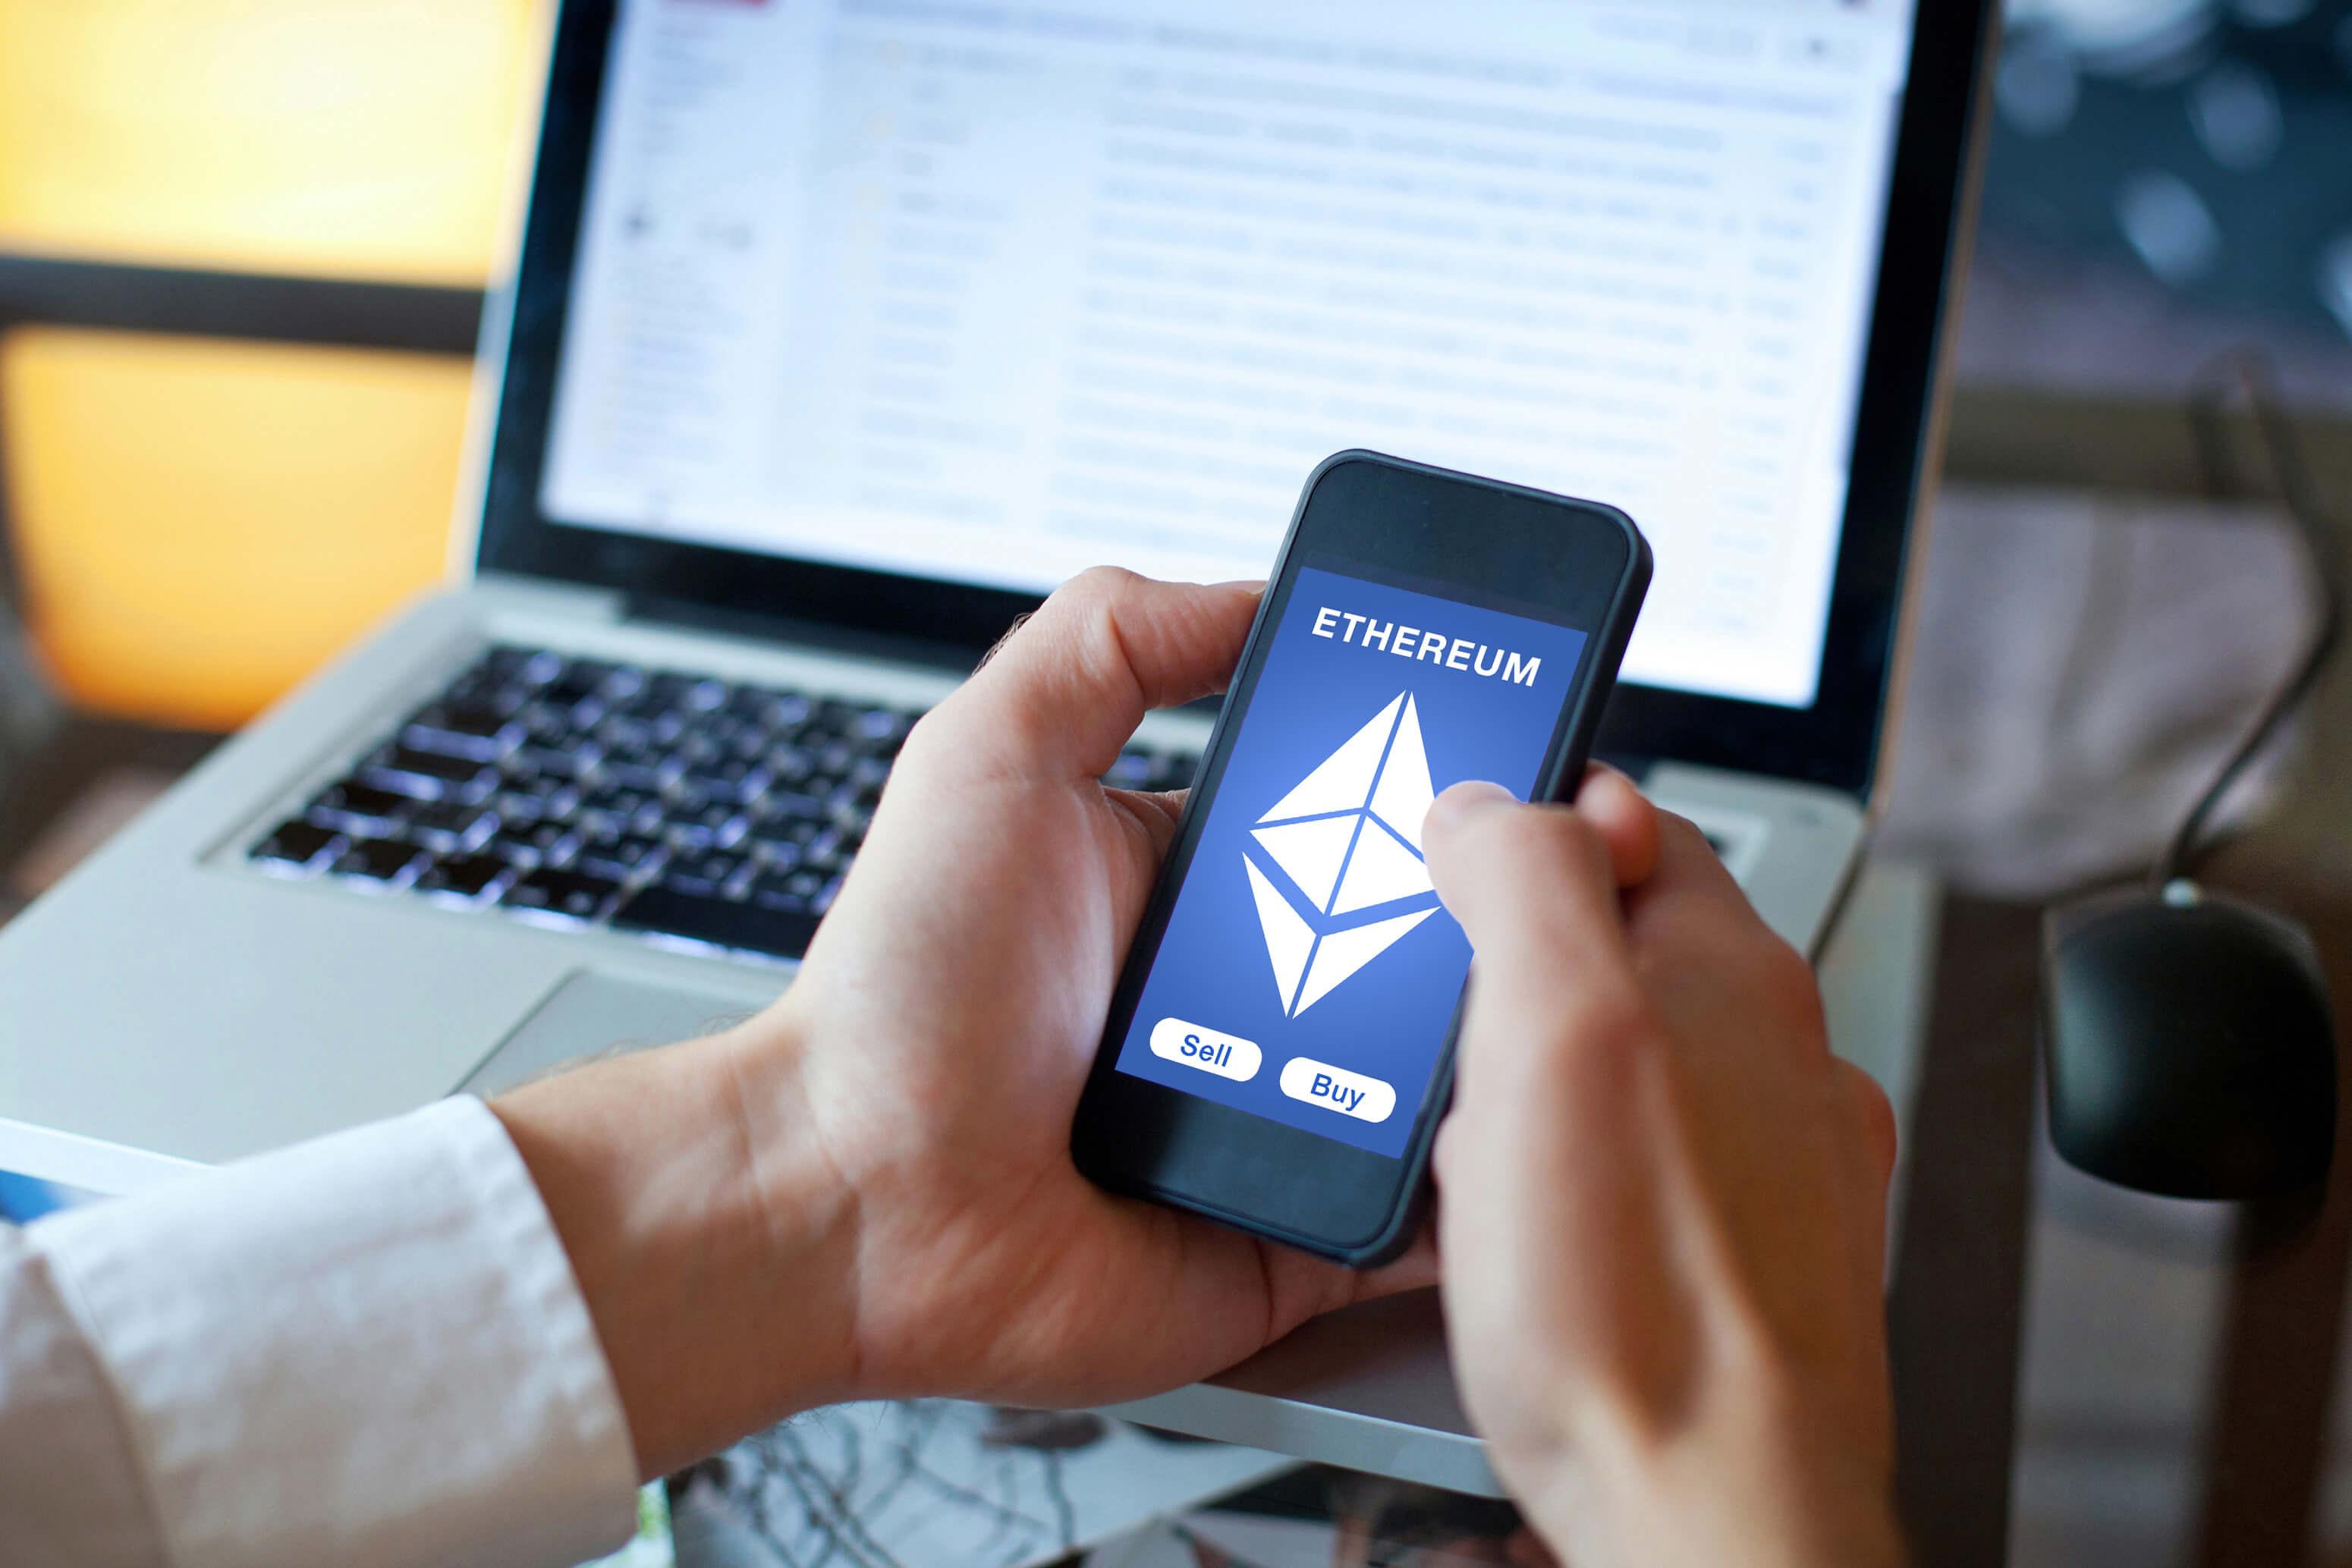 イーサリアム(Ethereum/ETH)がすぐ買える?Coincheckの簡単3ステップ購入方法を紹介